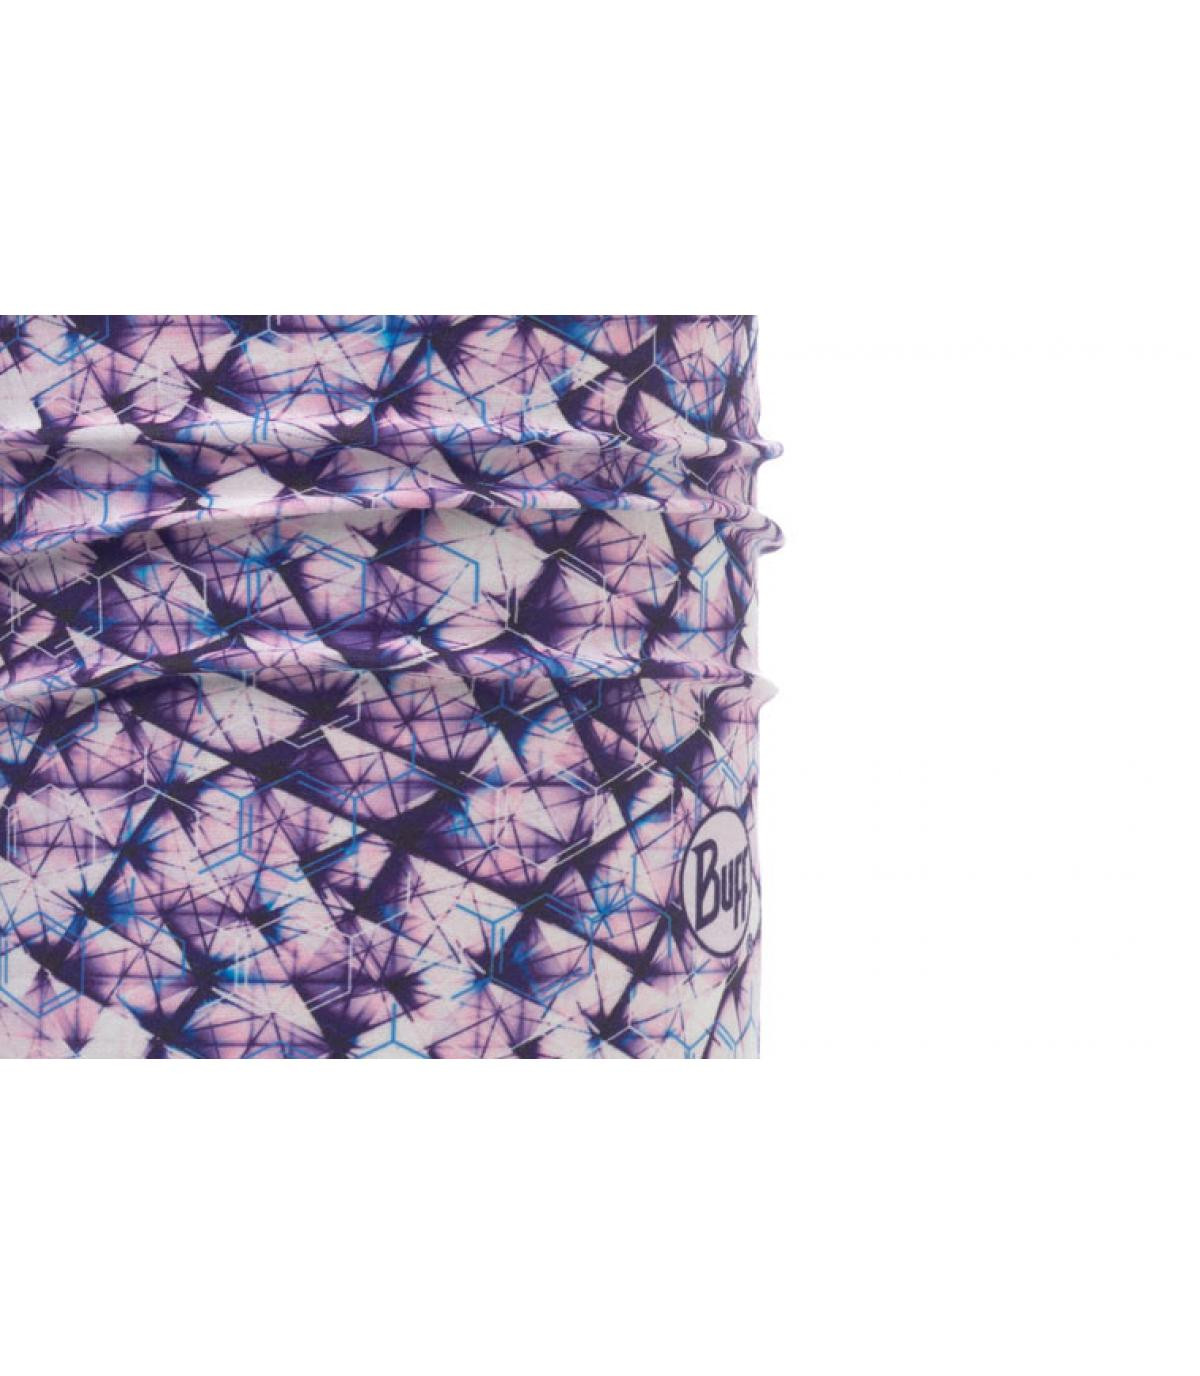 Buff imprimé violet blanc